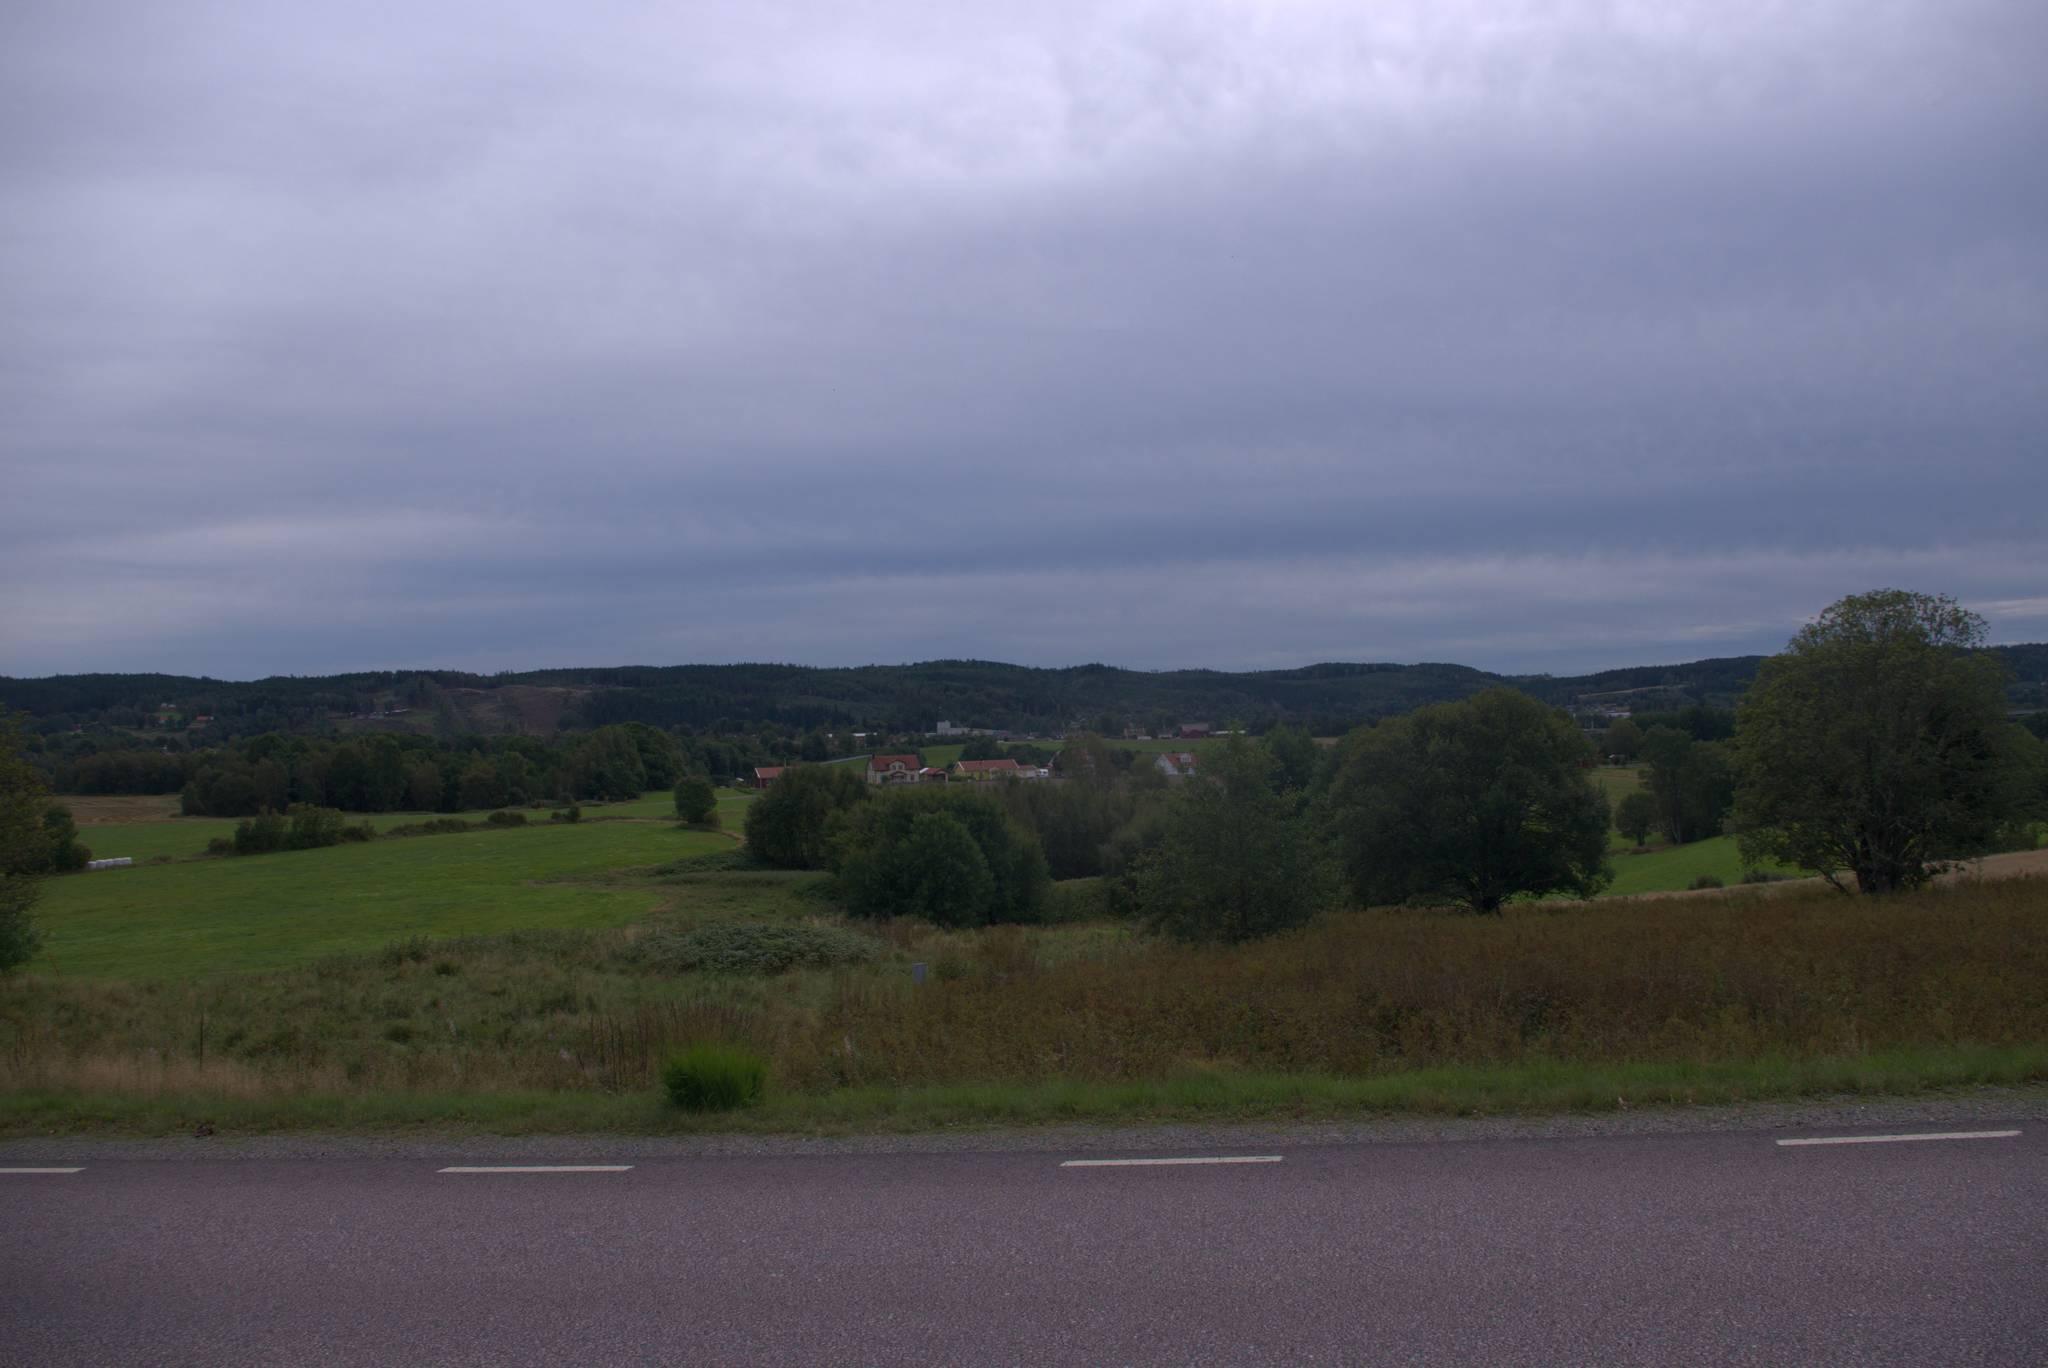 pagórki w drodze do Goteborga